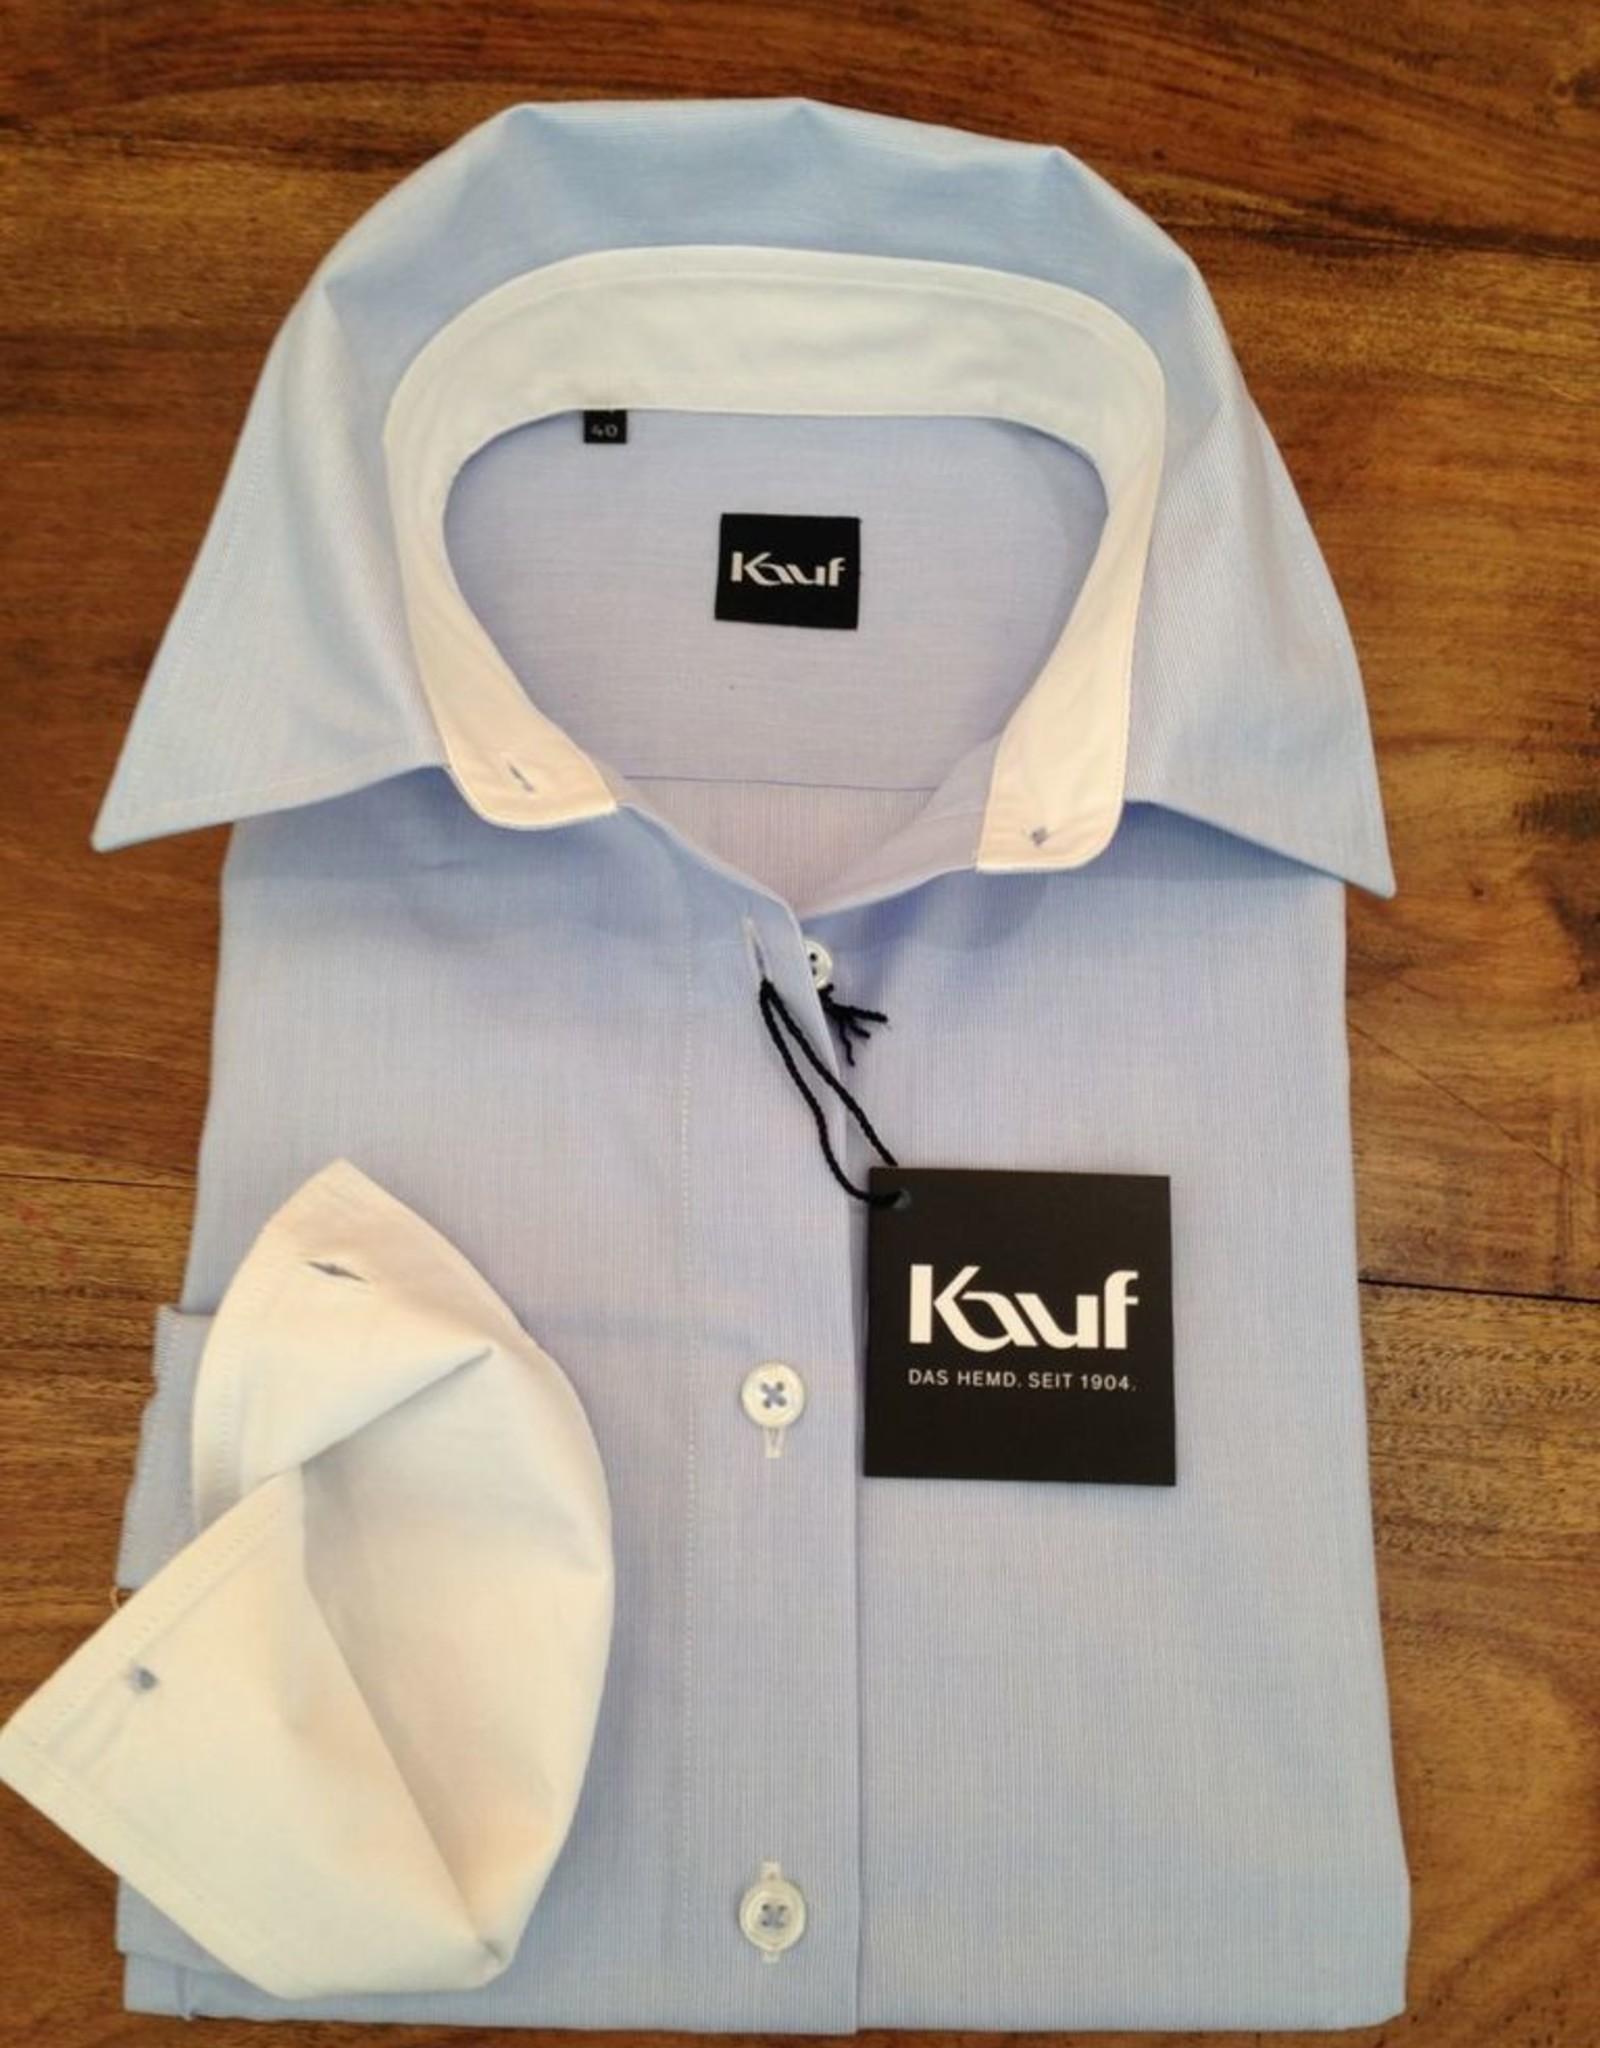 Kauf Kauf Damen Bluse stark Tailliert, AL68cm 100% Baumwolle Achtung, eine Nummer grösser kaufen!